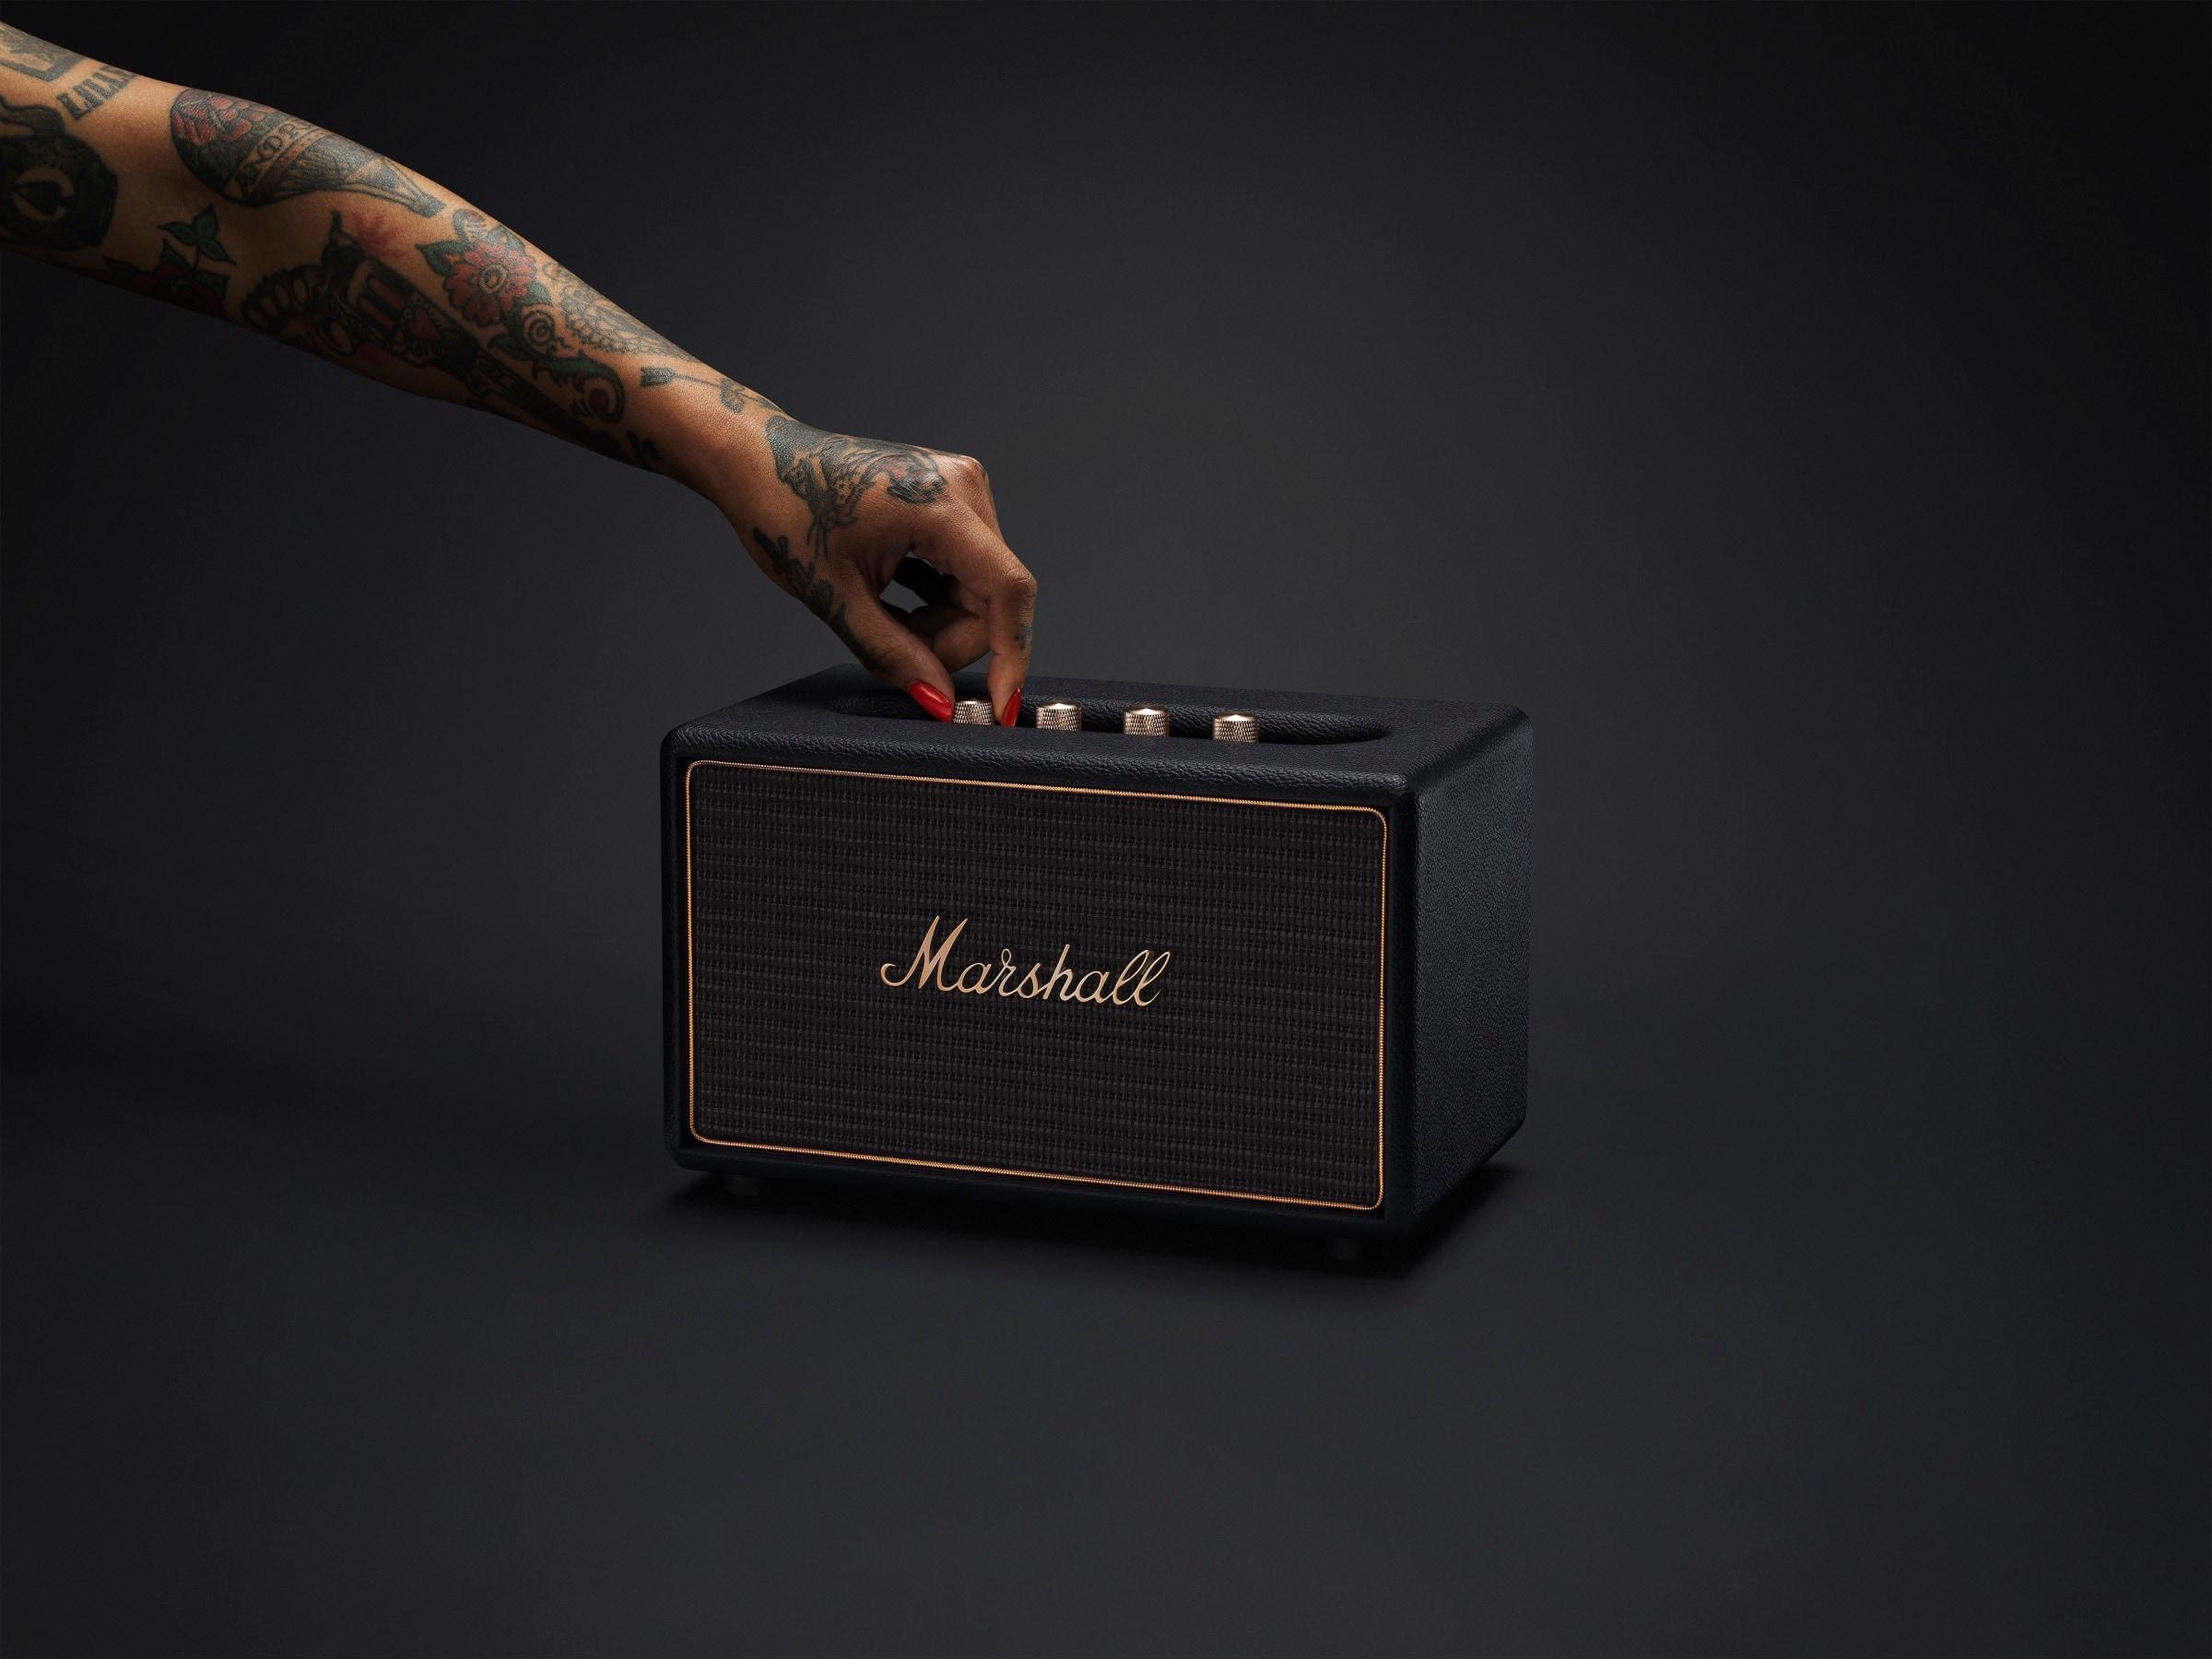 Marshall speaker WiFi multiroom (2)